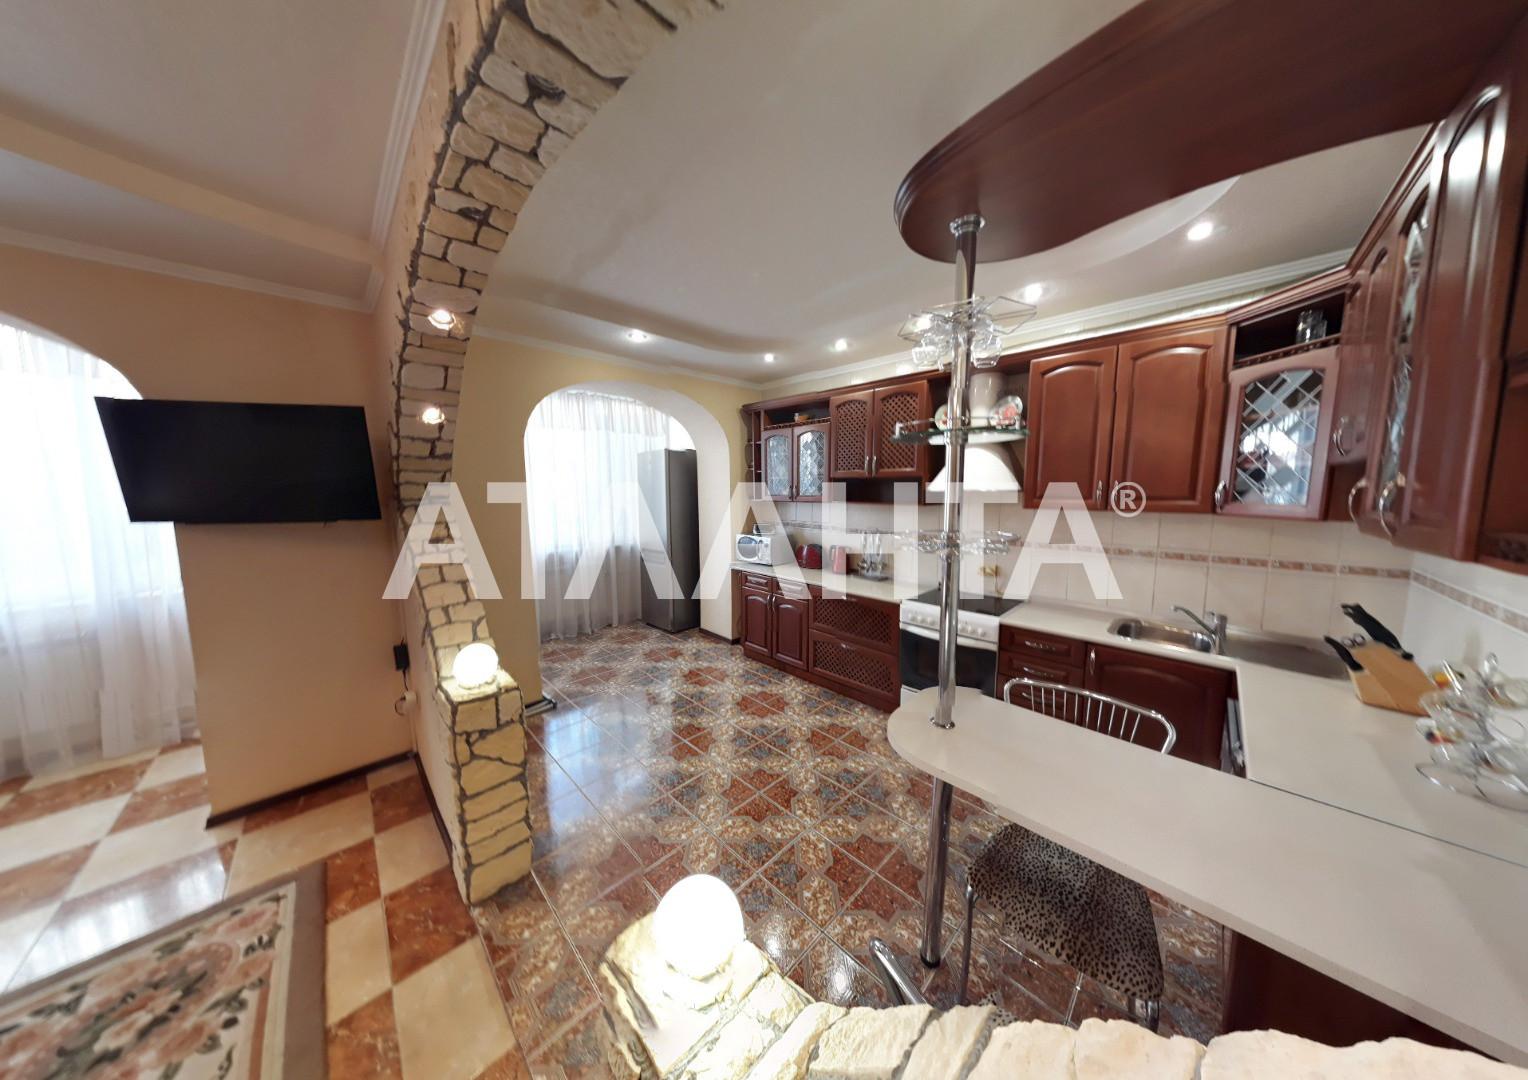 Продается 3-комнатная Квартира на ул. Ул. Вильямса — 90 000 у.е. (фото №5)